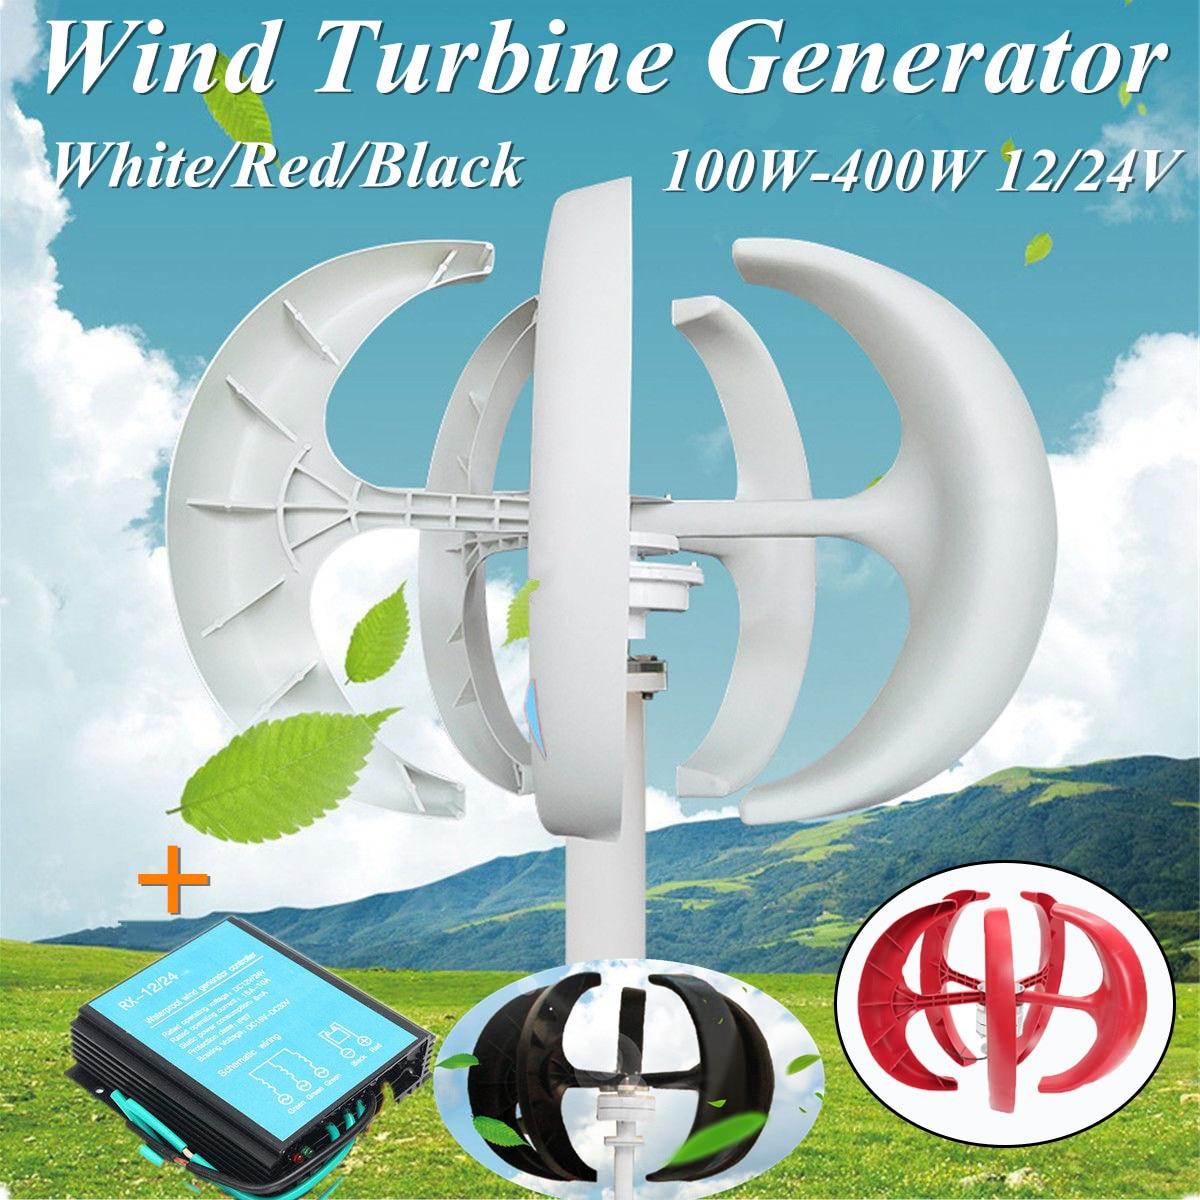 100 w 200 w 300 w 400 w Max 600 w Generatore di Vento Lanterna 12 v 24 v 5 Lame generatore a Magnete permanente Turbina Eolica 600 w Regolatore del Vento